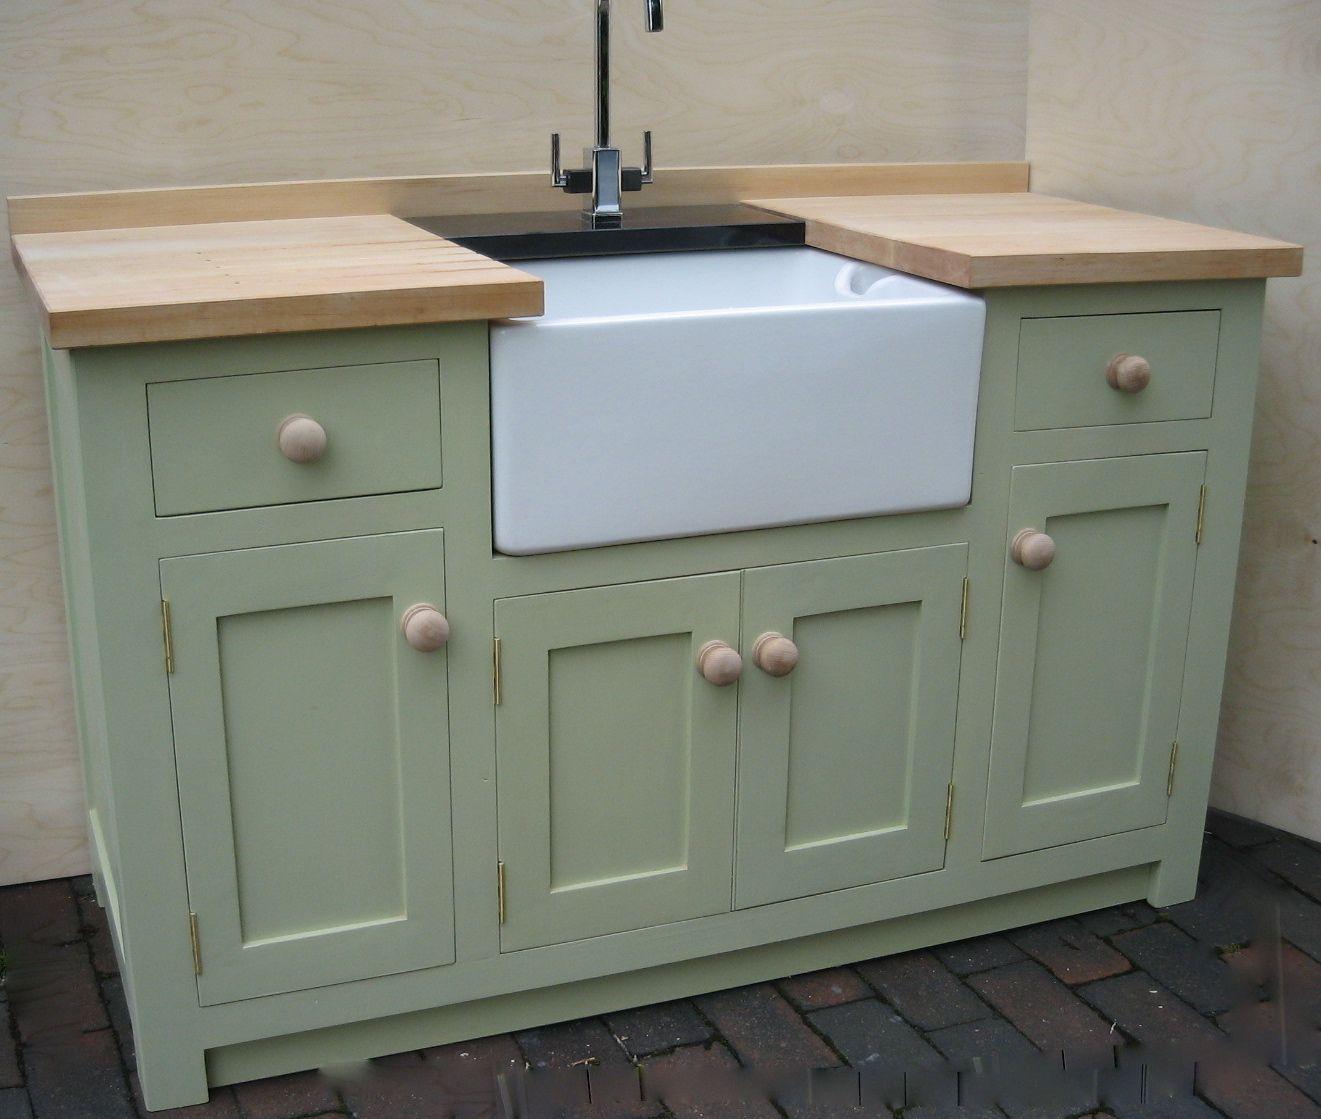 Small Freestanding Kitchen Sink Unit Kitchen Sink Units Freestanding Kitchen Sink